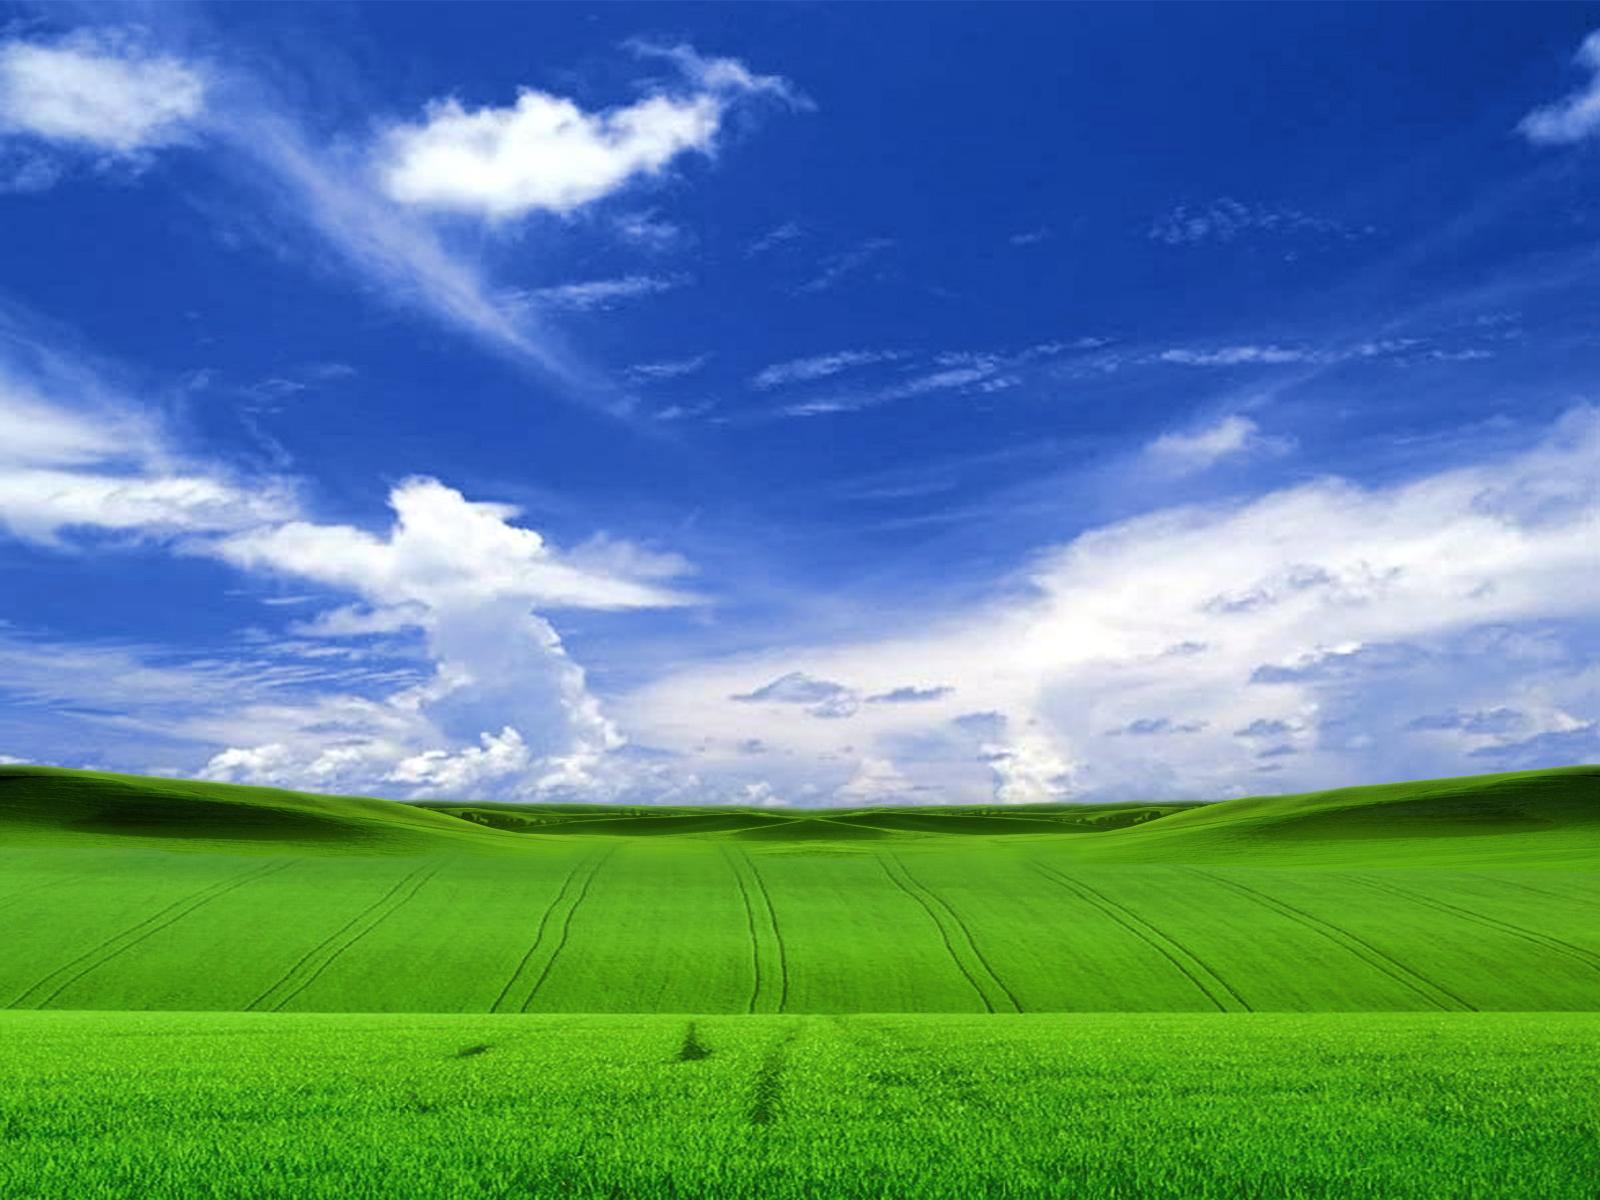 Cool wallpaper wallpaper downloads Field in windows xp style 1600x1200